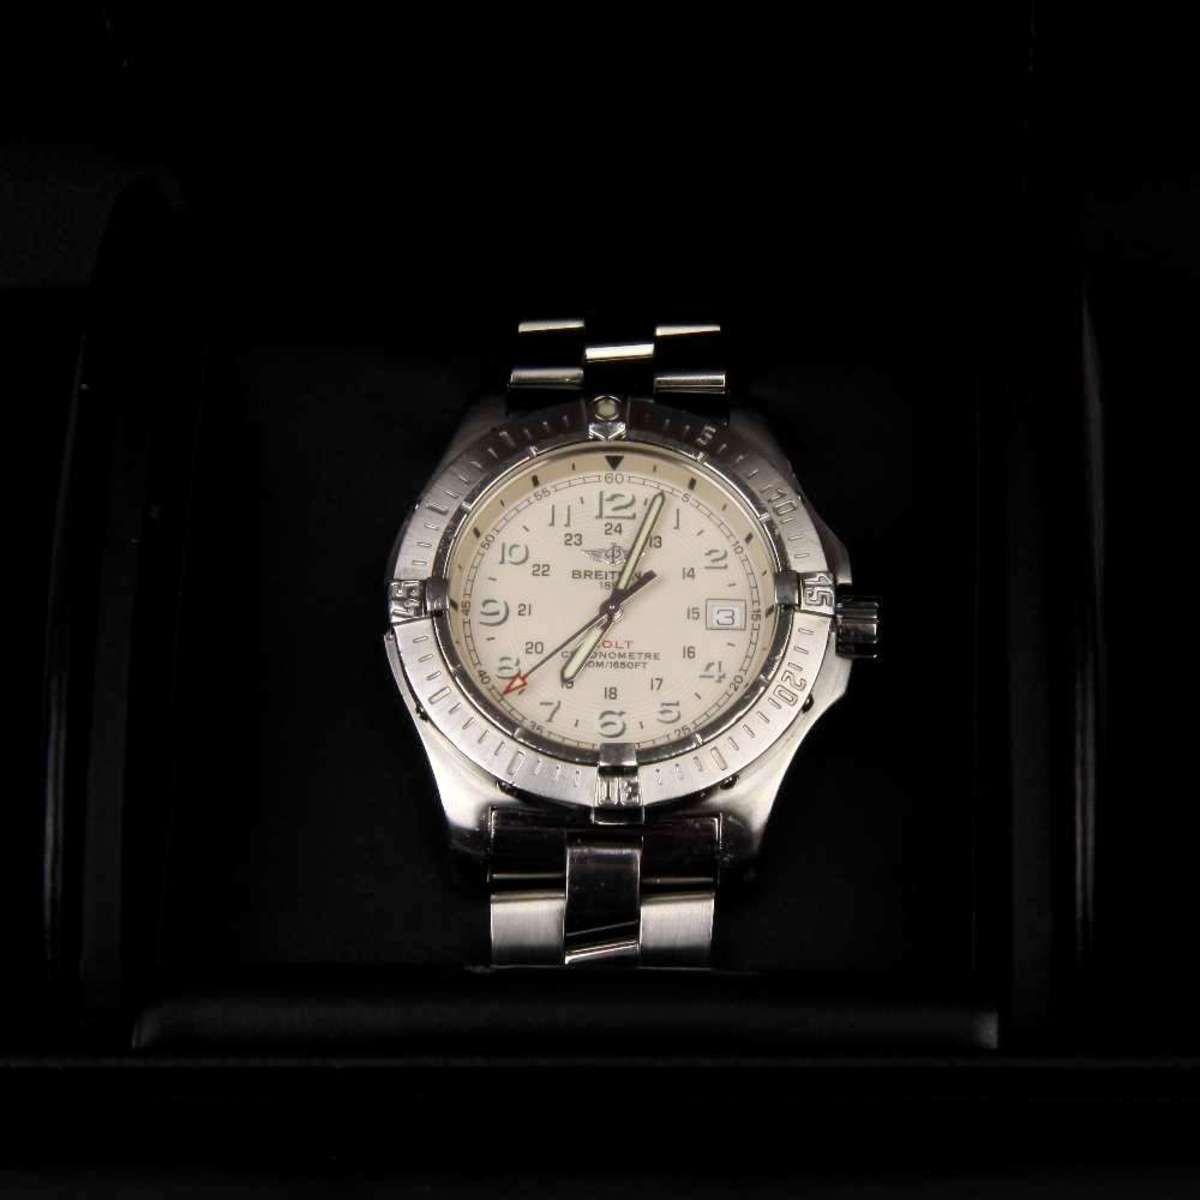 daa34c7eac7 Reloj BREITLING COLT segunda mano Si quieres vender tus cosas de segunda  mano o comprar productos de segunda mano